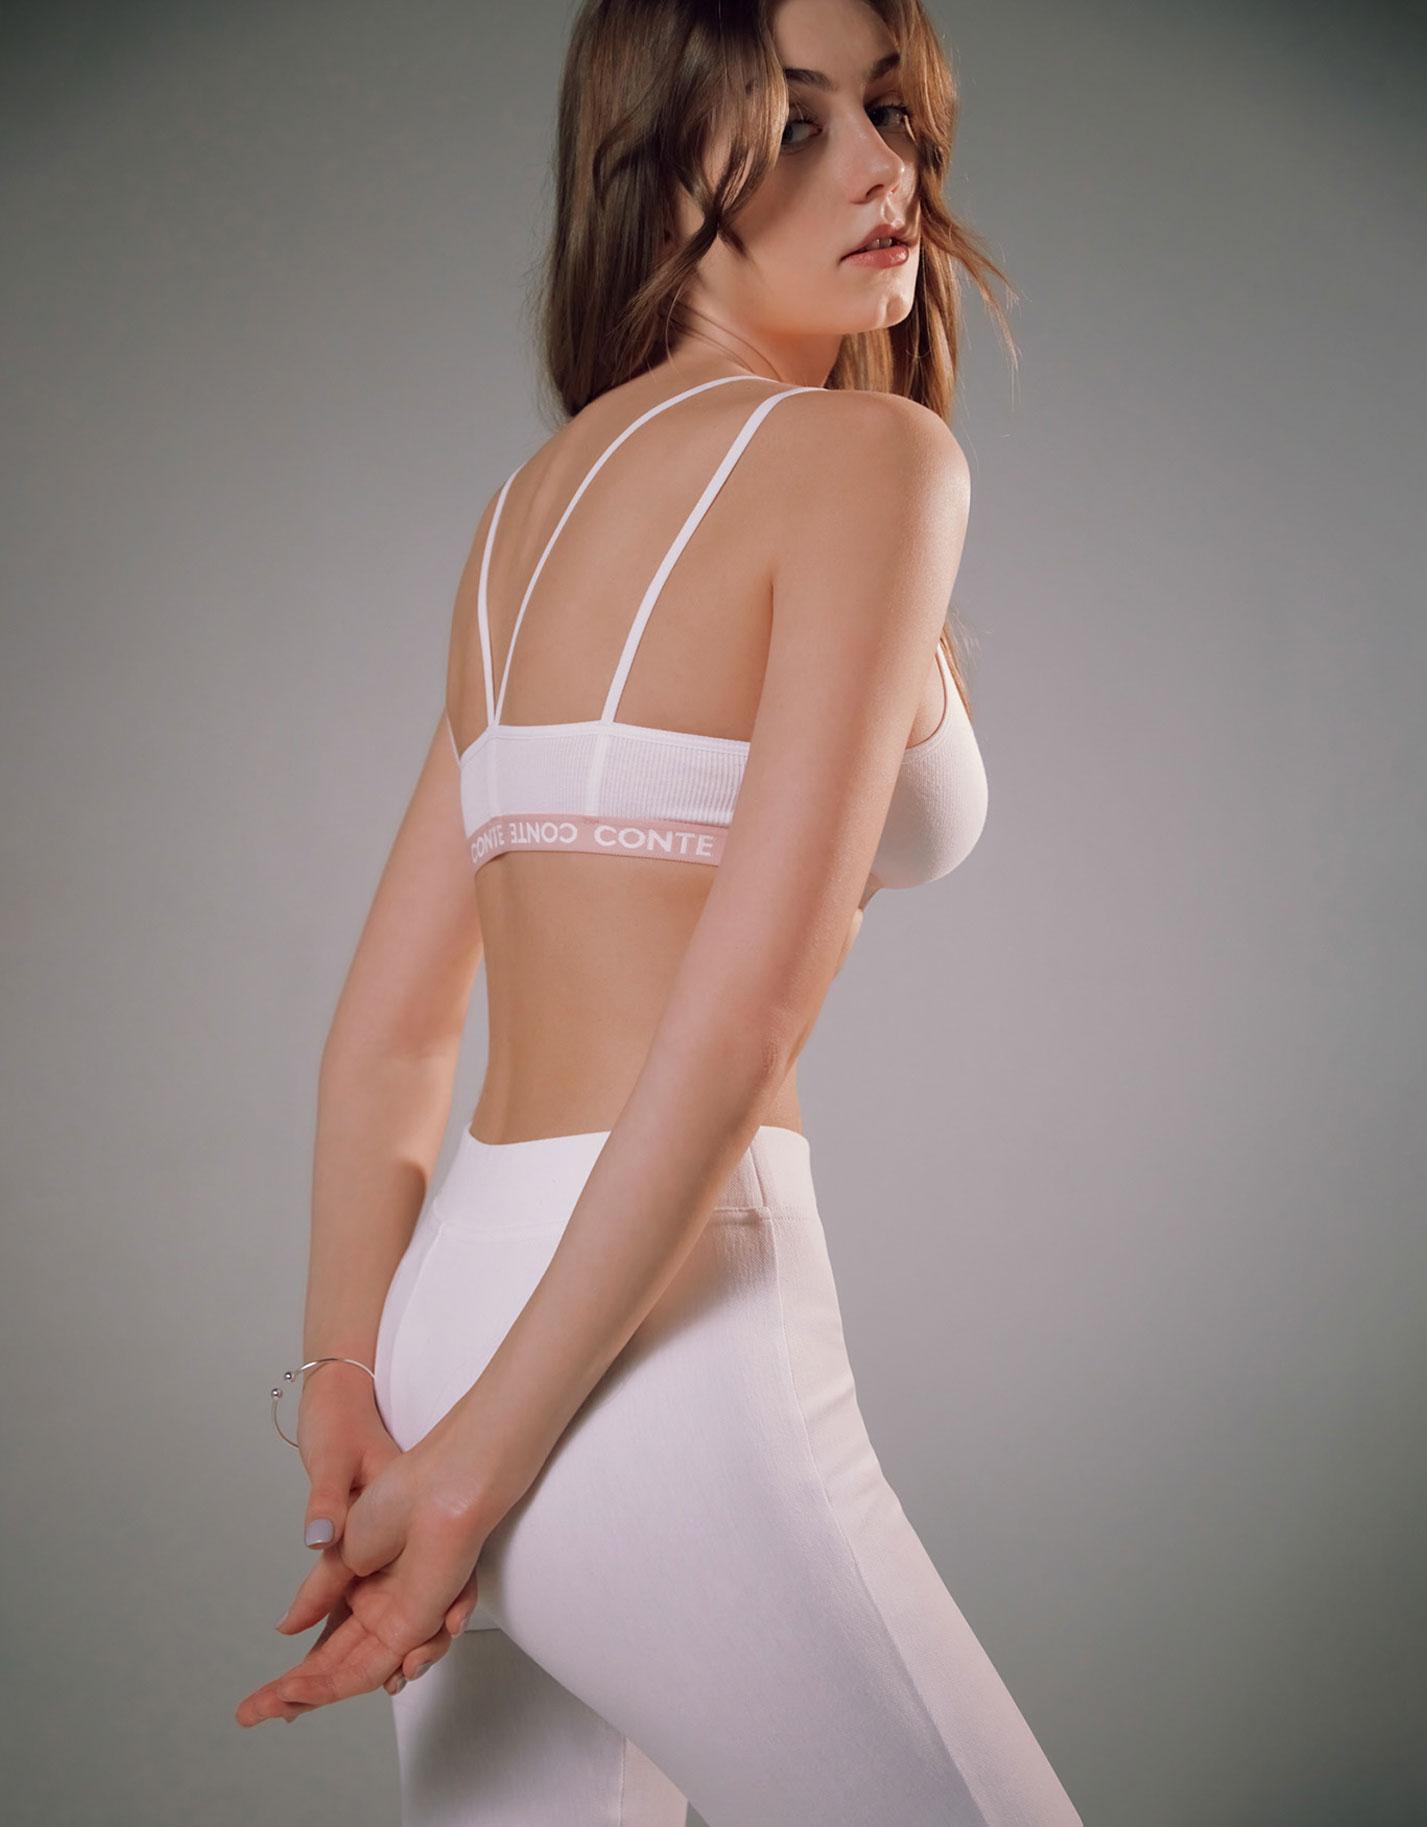 Каролина Жих в нижнем белье модного бренда Conte, сезон весна-лето 2021 / фото 18